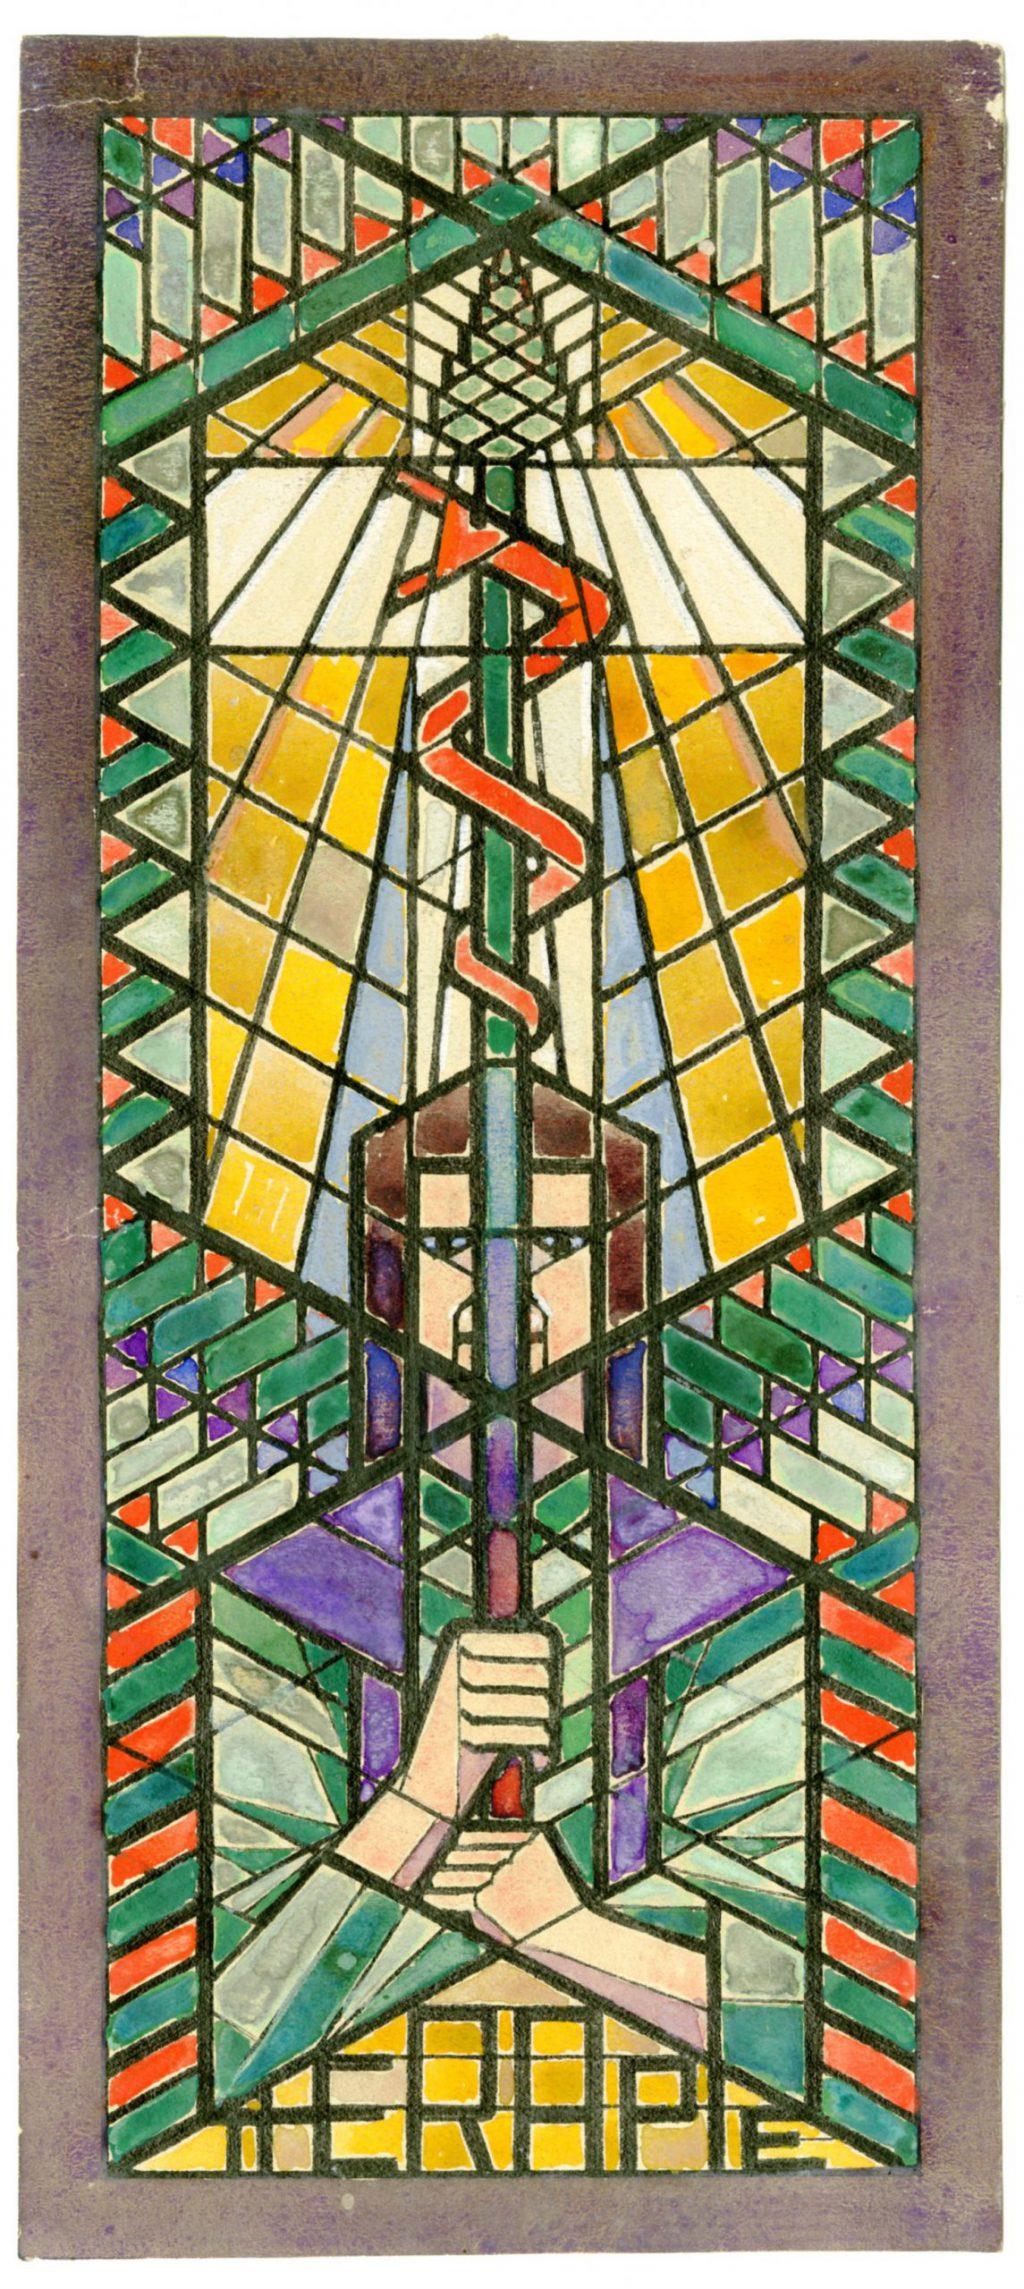 TMS 139202, Rijk van Lavieren, Schetsontwerp glas-in-loodraam 'Therapie' Hippolytusziekenhuis, 1924